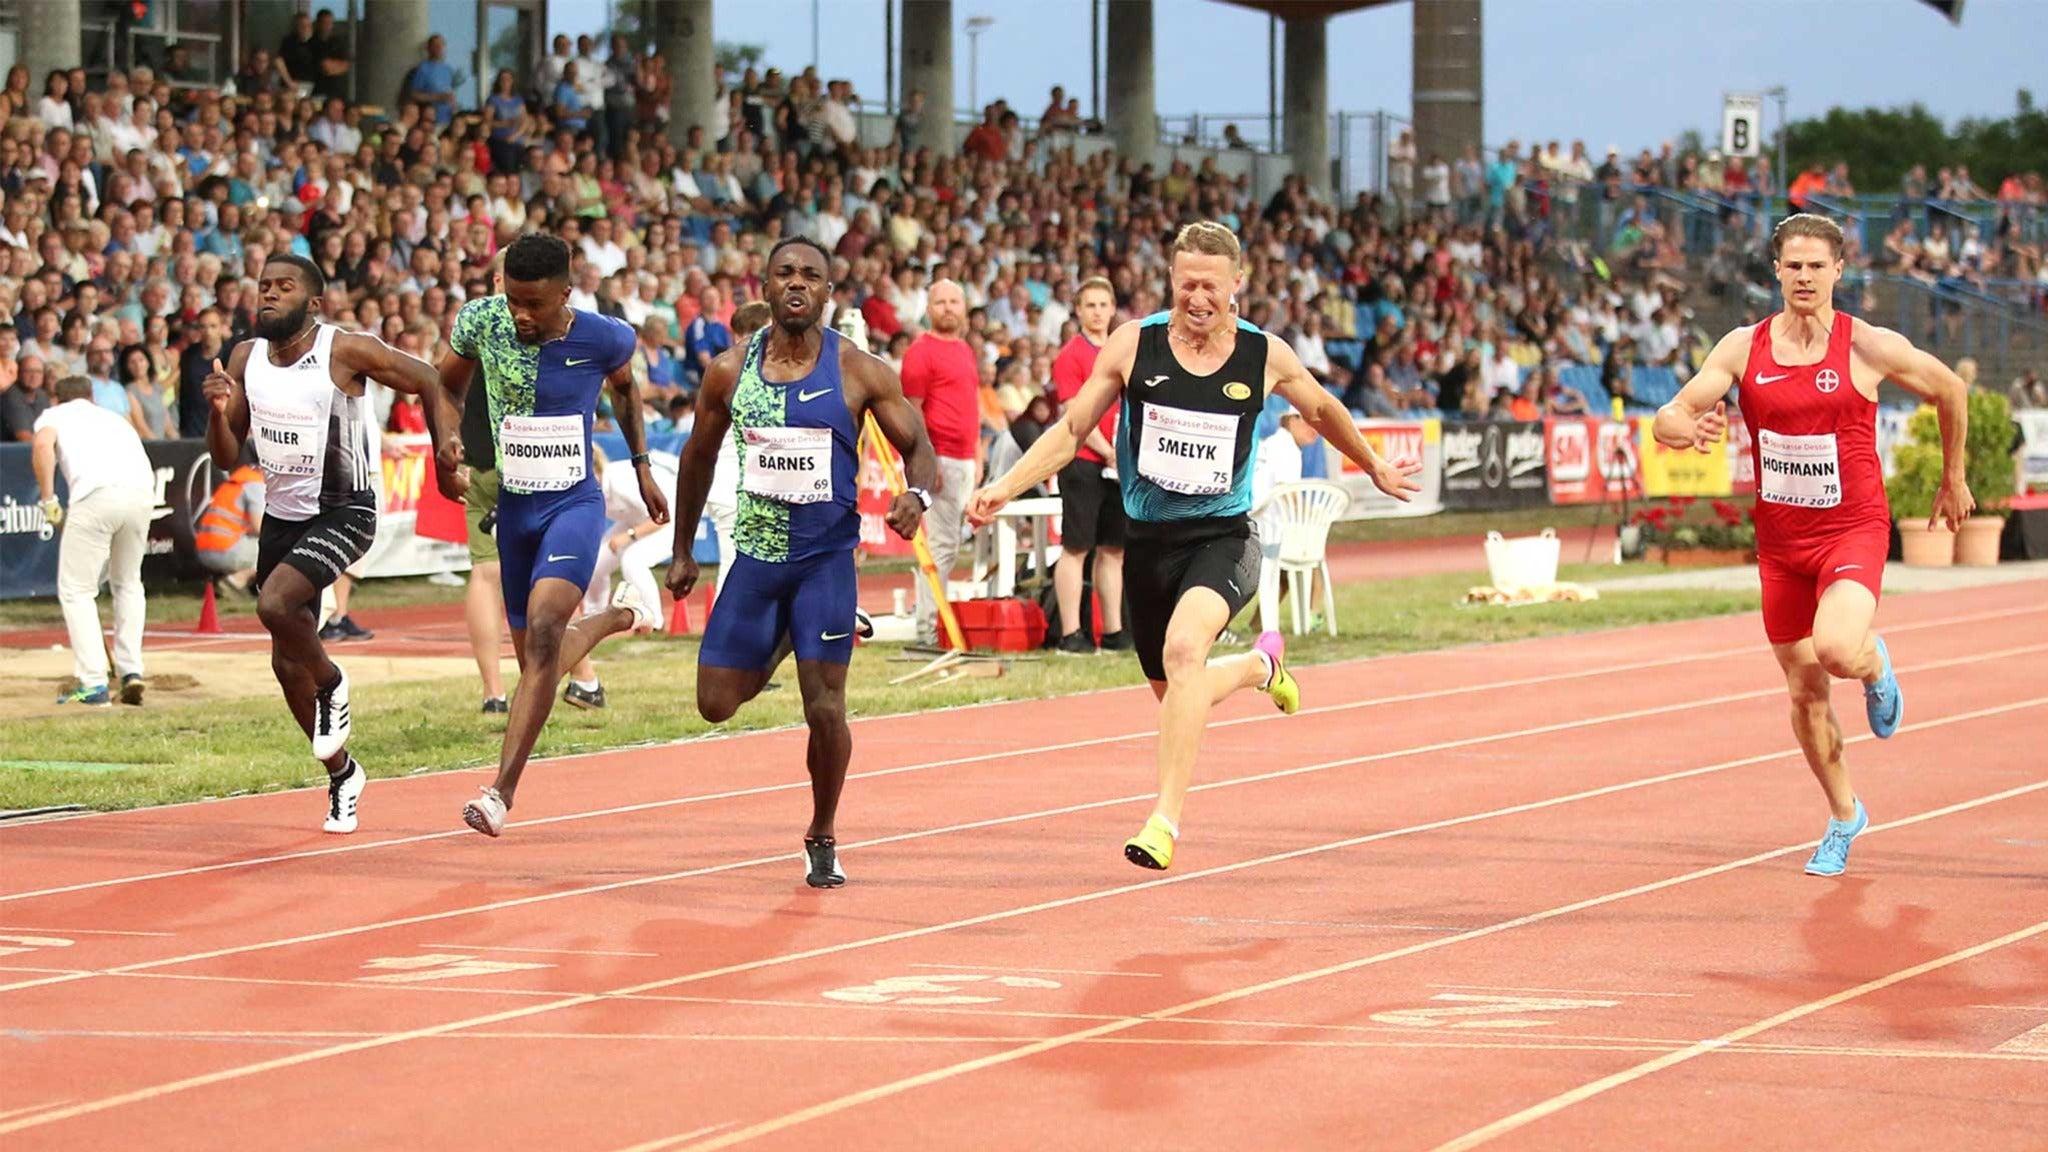 Anhalt 2020 - 22. Internationales Leichtathletik-Meeting